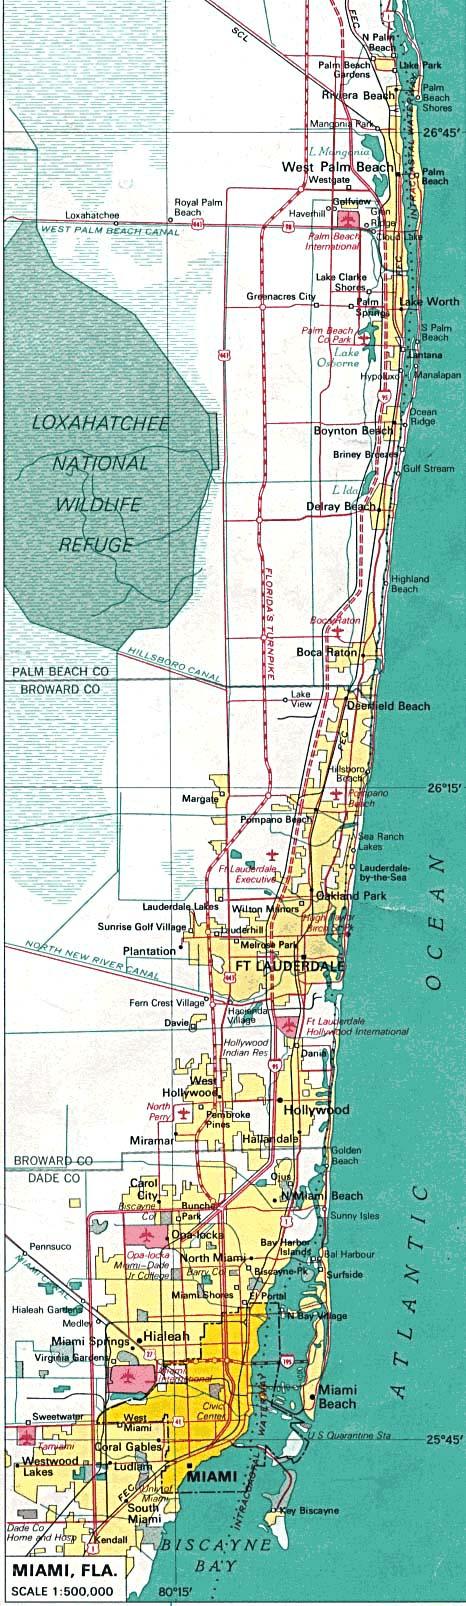 Maps of U.S. Metropolitan Areas. Miami, Florida 1970 (210K)